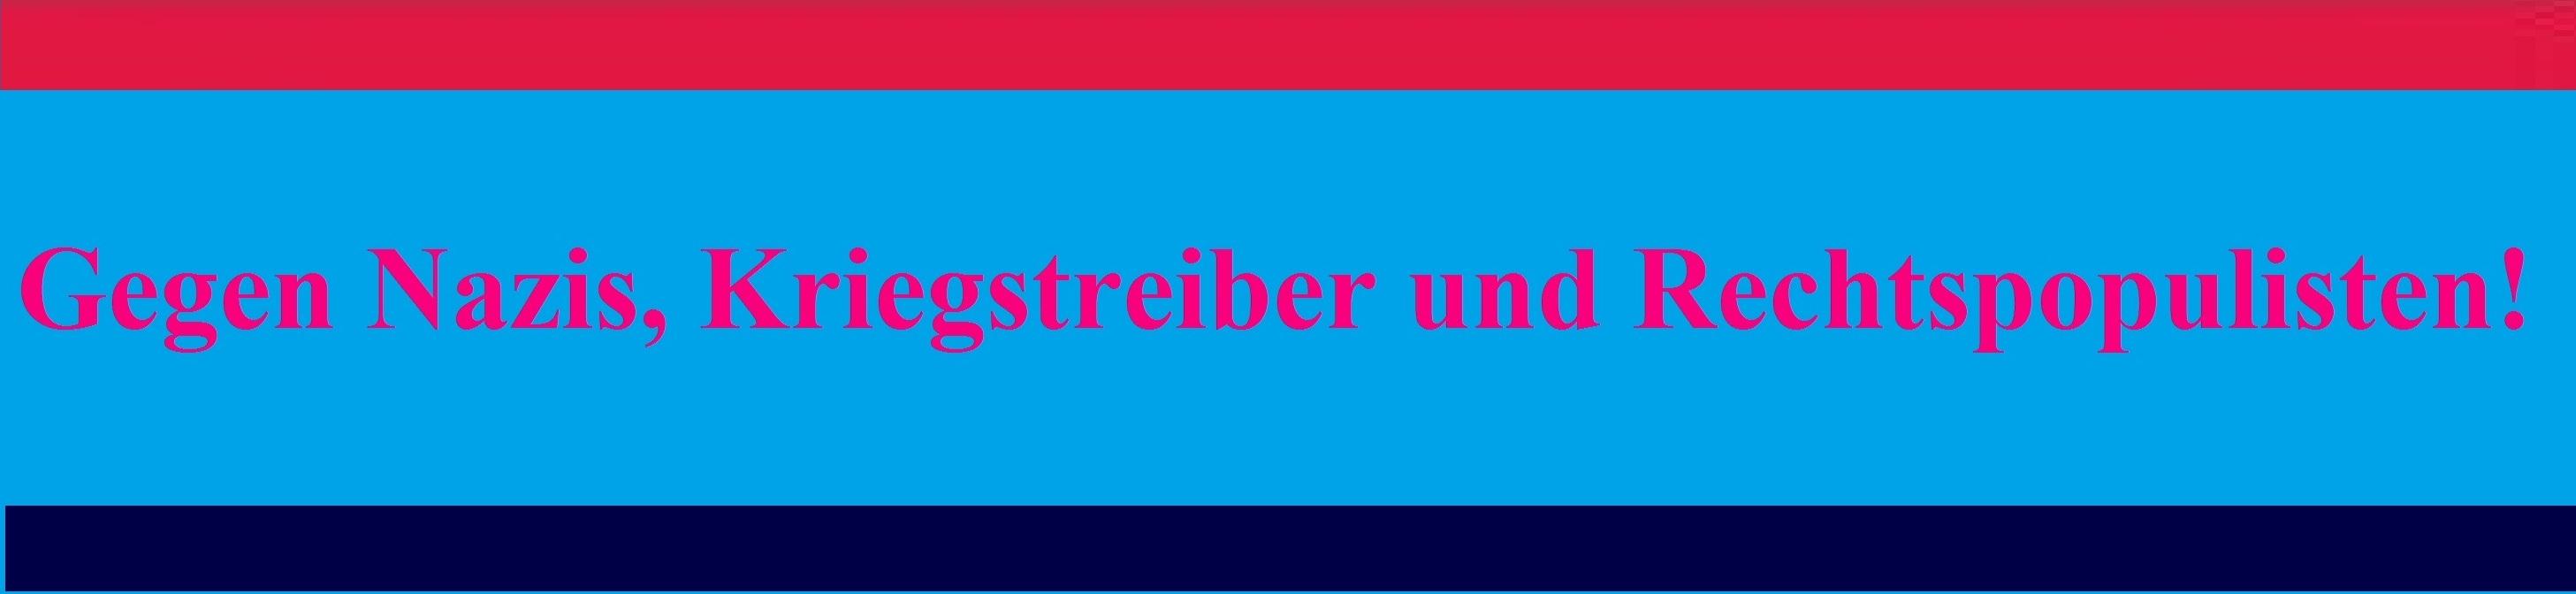 Gegen Nazis, Kriegstreiber und Rechtspopulisten! Ostsee-Rundschau.de . Neue Unabhängige Onlinezeitungen (NUOZ) - vielseitig, informativ und unabhängig.